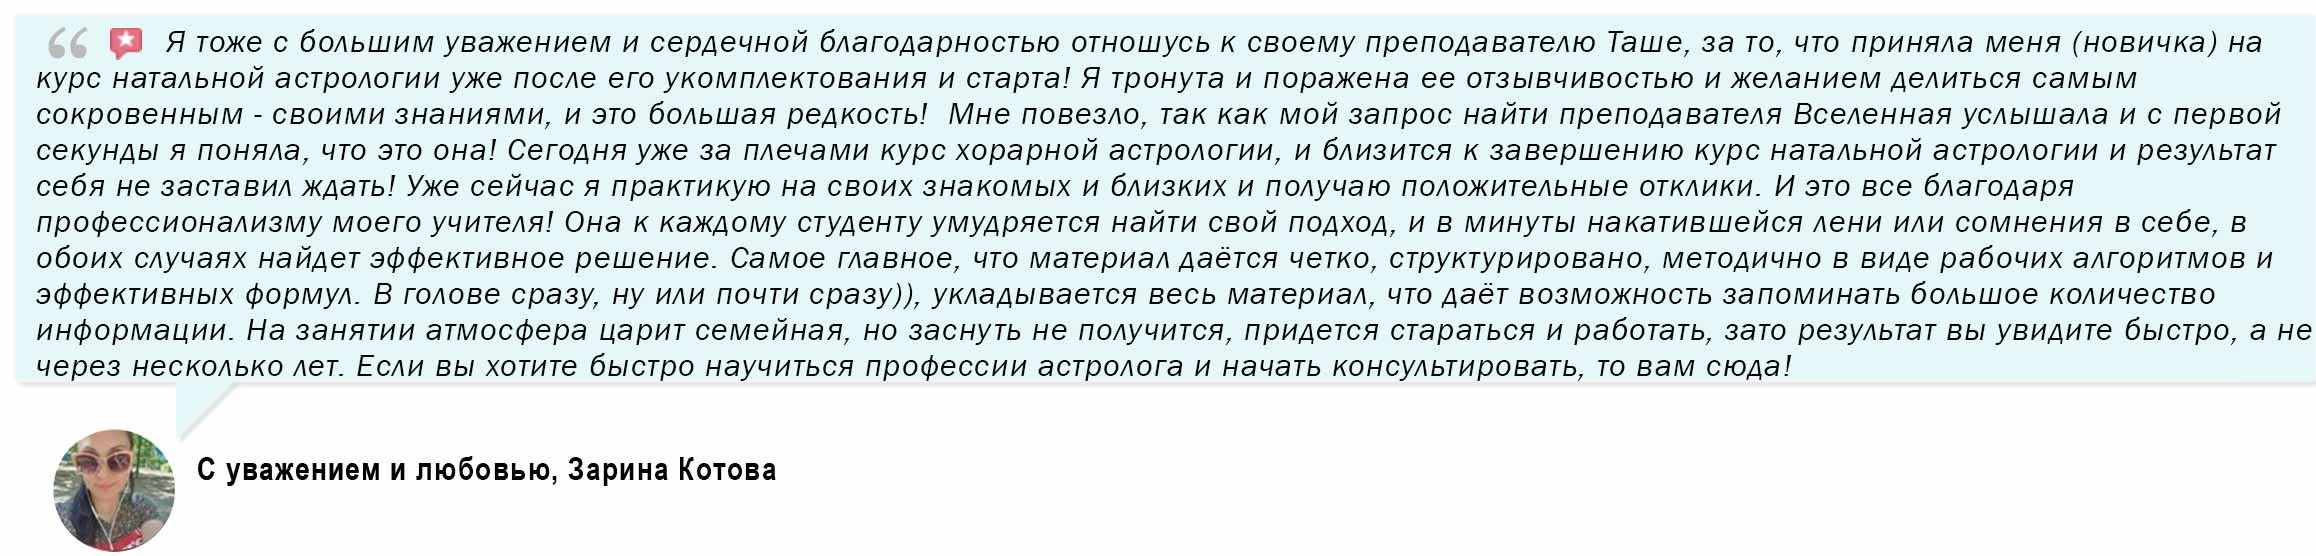 https://astrologtasha.ru/wp-content/uploads/2021/07/отзыв-Котова.jpg